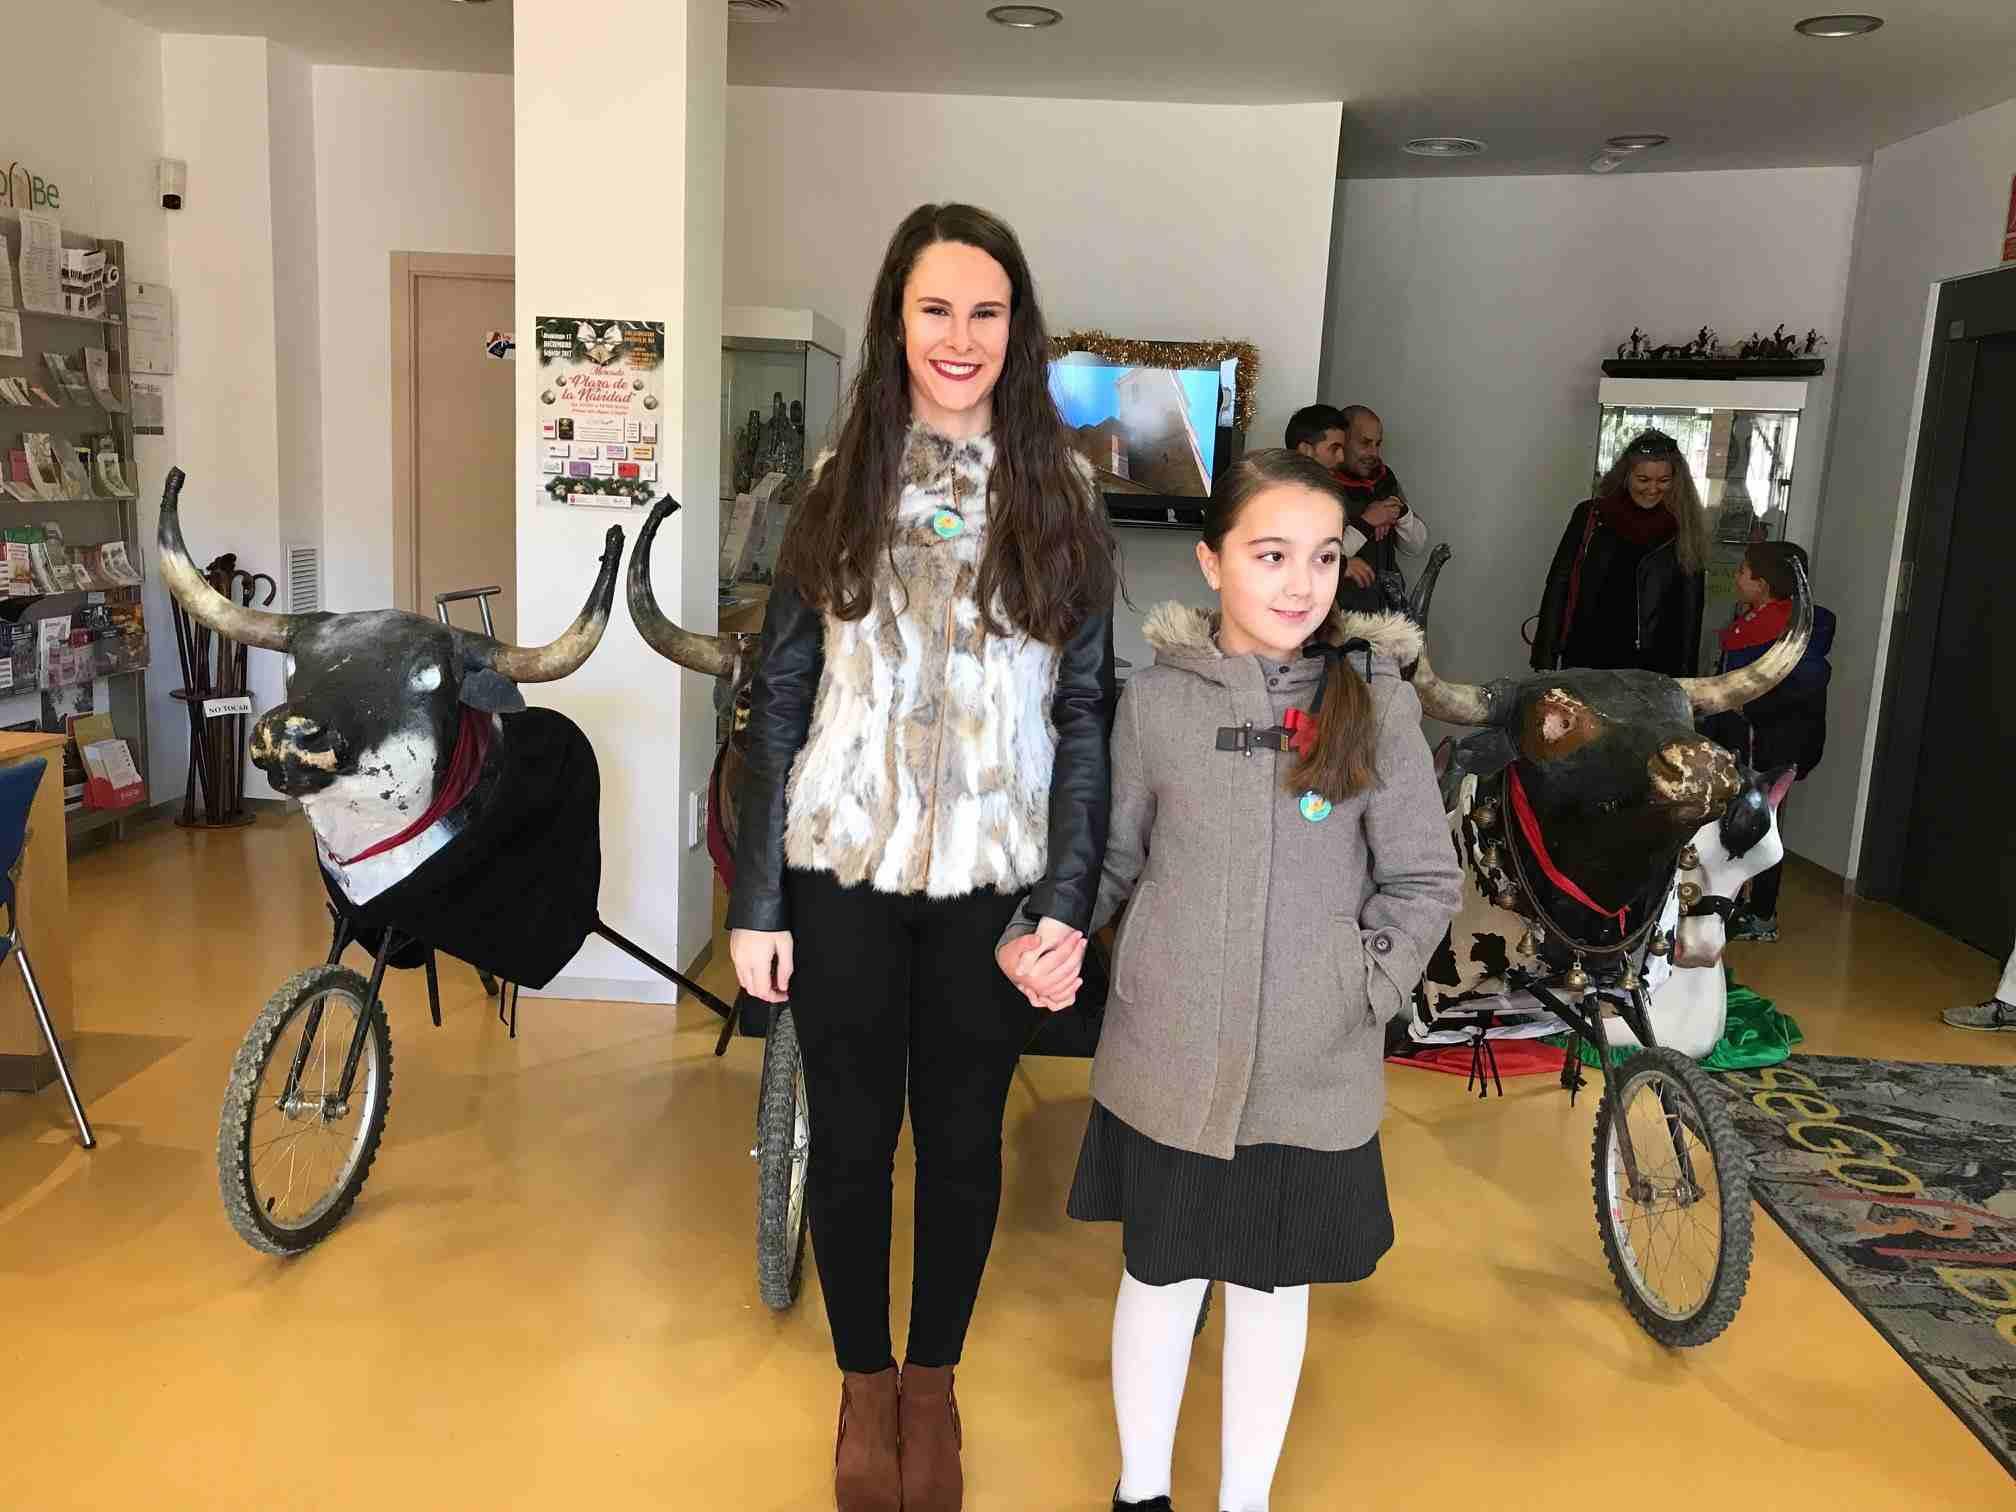 Las Reinas Mayor e Infantil de las Fiestas de Segorbe también asistieron a la celebración